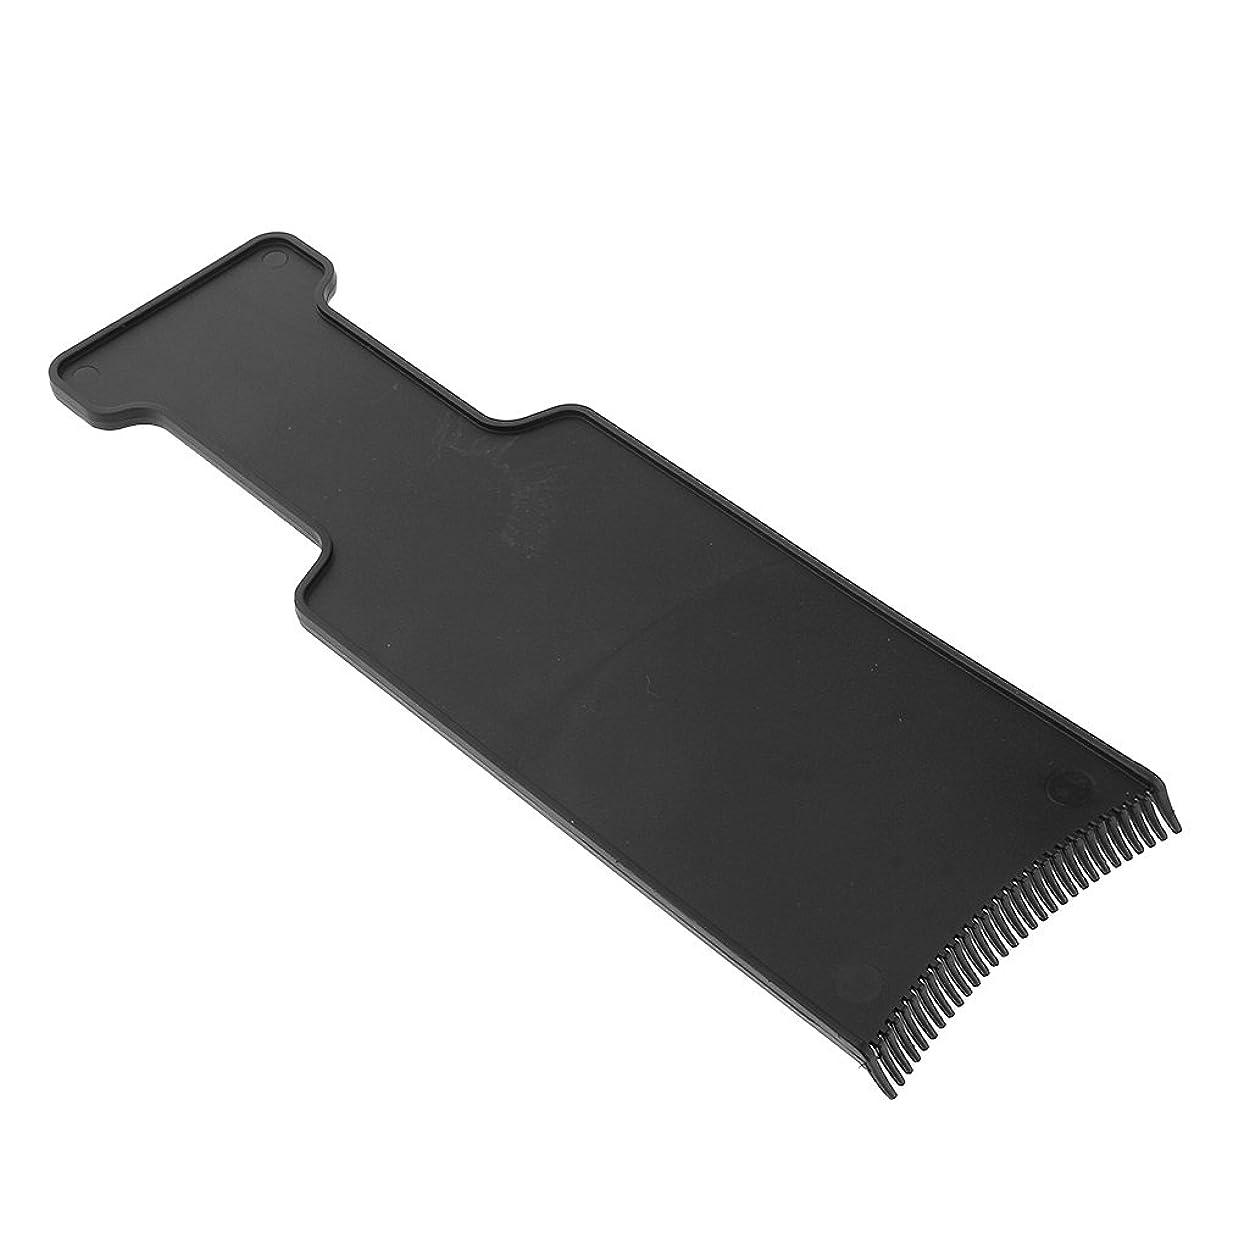 独立してフラッシュのように素早くナラーバーKesoto サロン ヘアカラー ボード ヘアカラーティント 美容 ヘア ツール 髪 保護 ブラック 全4サイズ - M